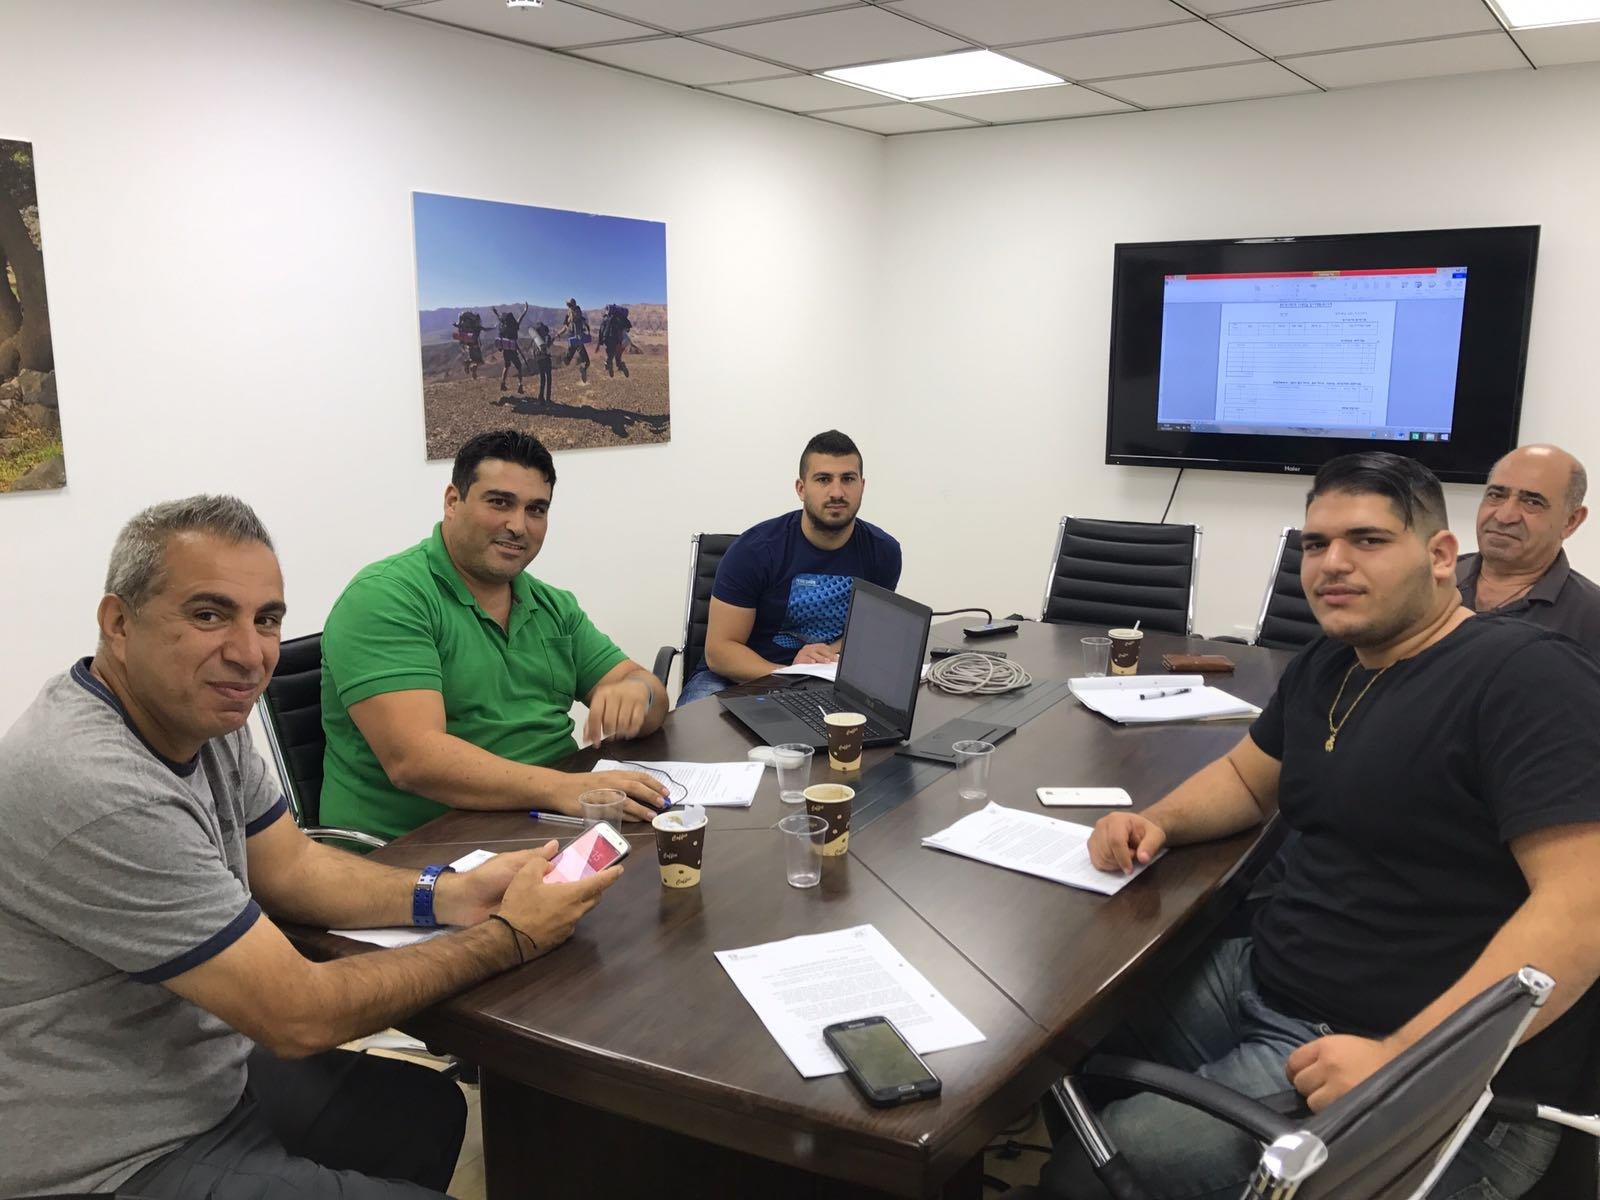 إنطلاقة ناجحة وقويَّة لدورات الجوّالة التّابعة لجمعيَّة حماية الطَّبيعة في المُجتمع العربيّ-6